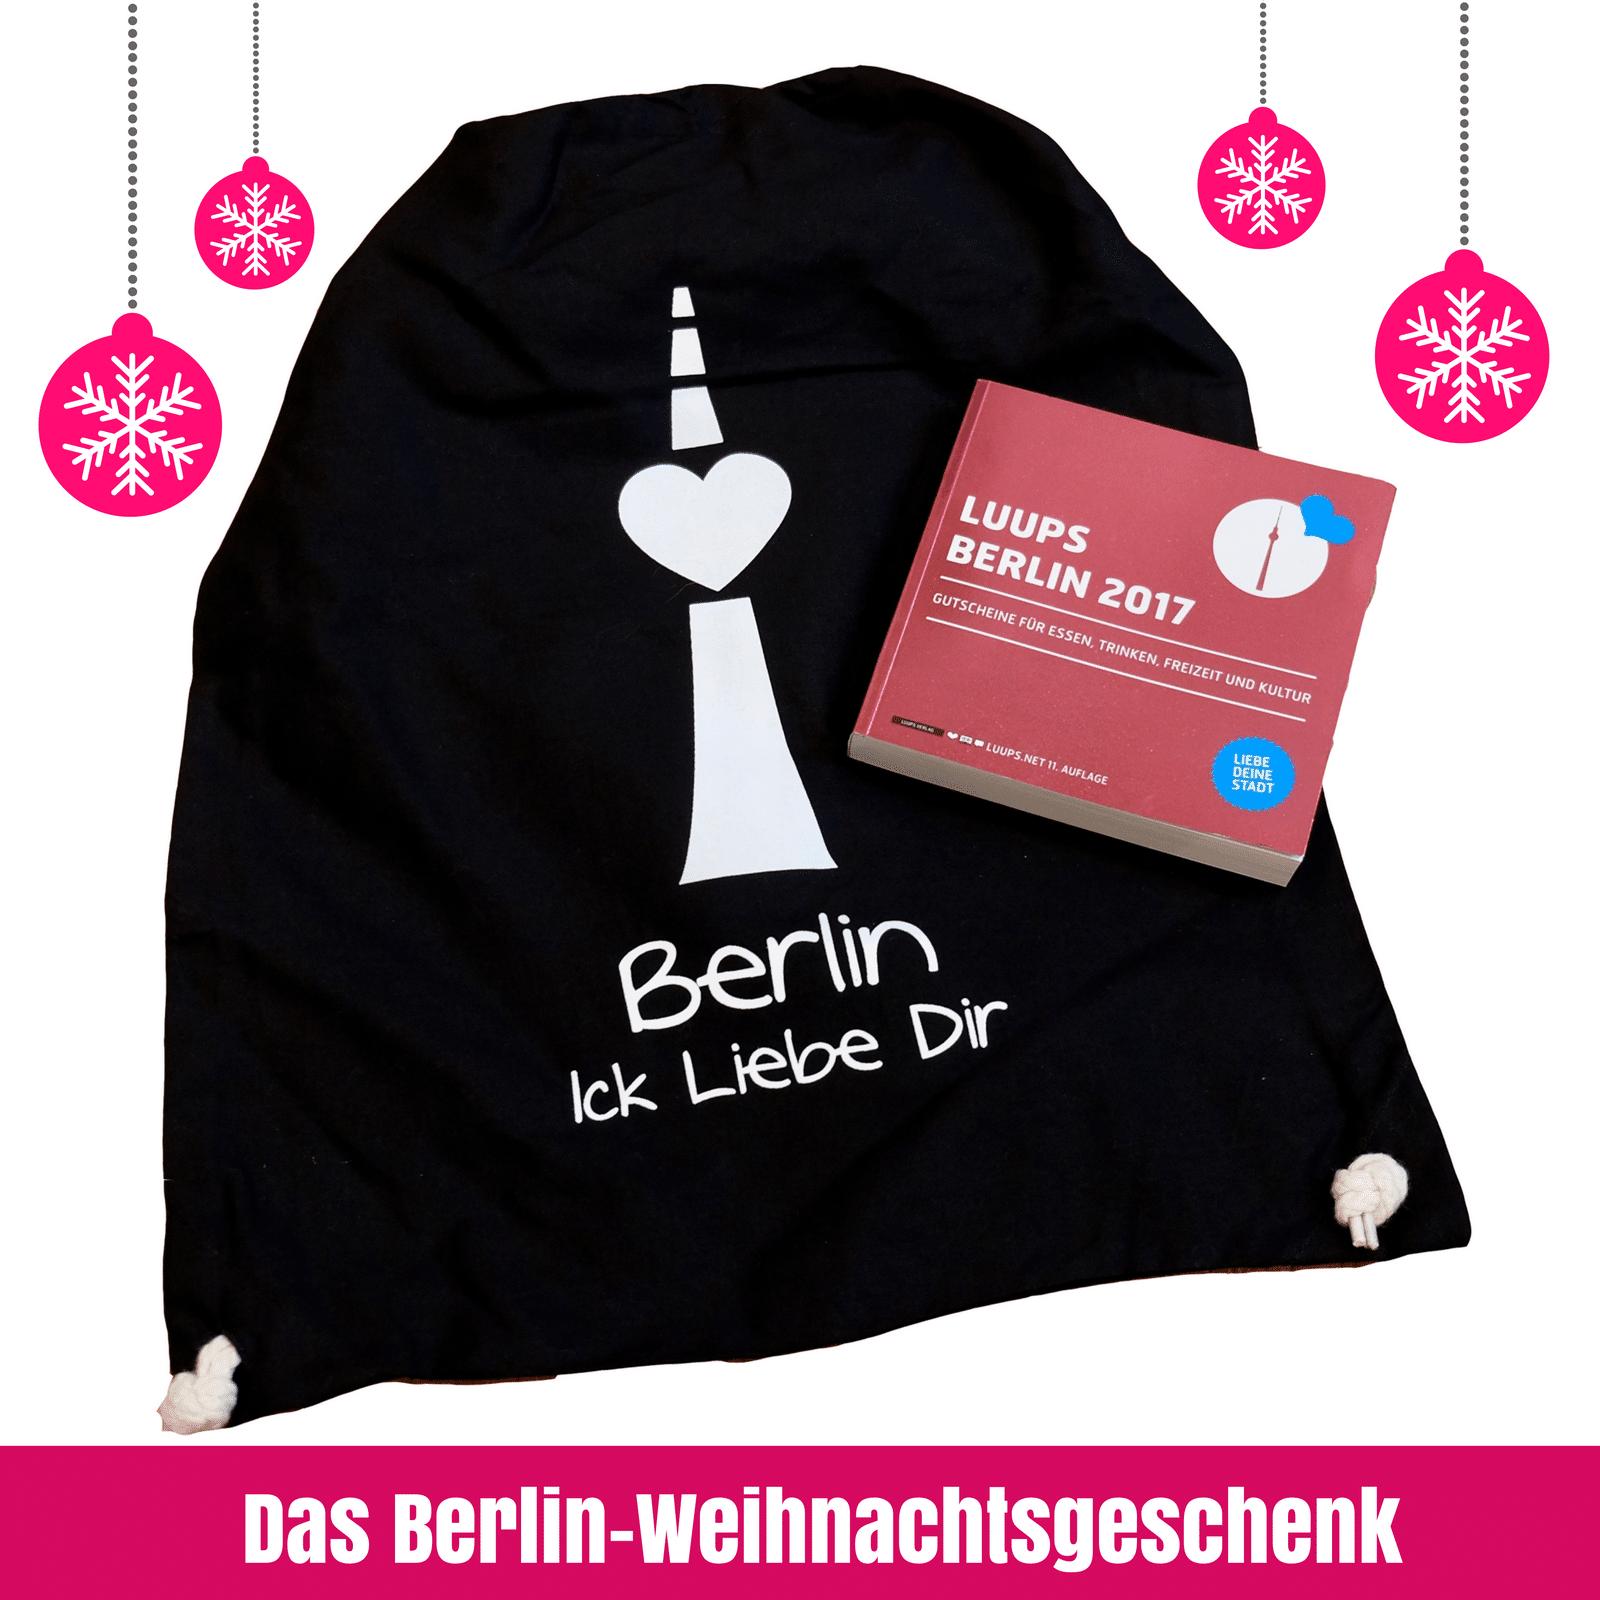 das-berlin-weihnachtsgeschenk